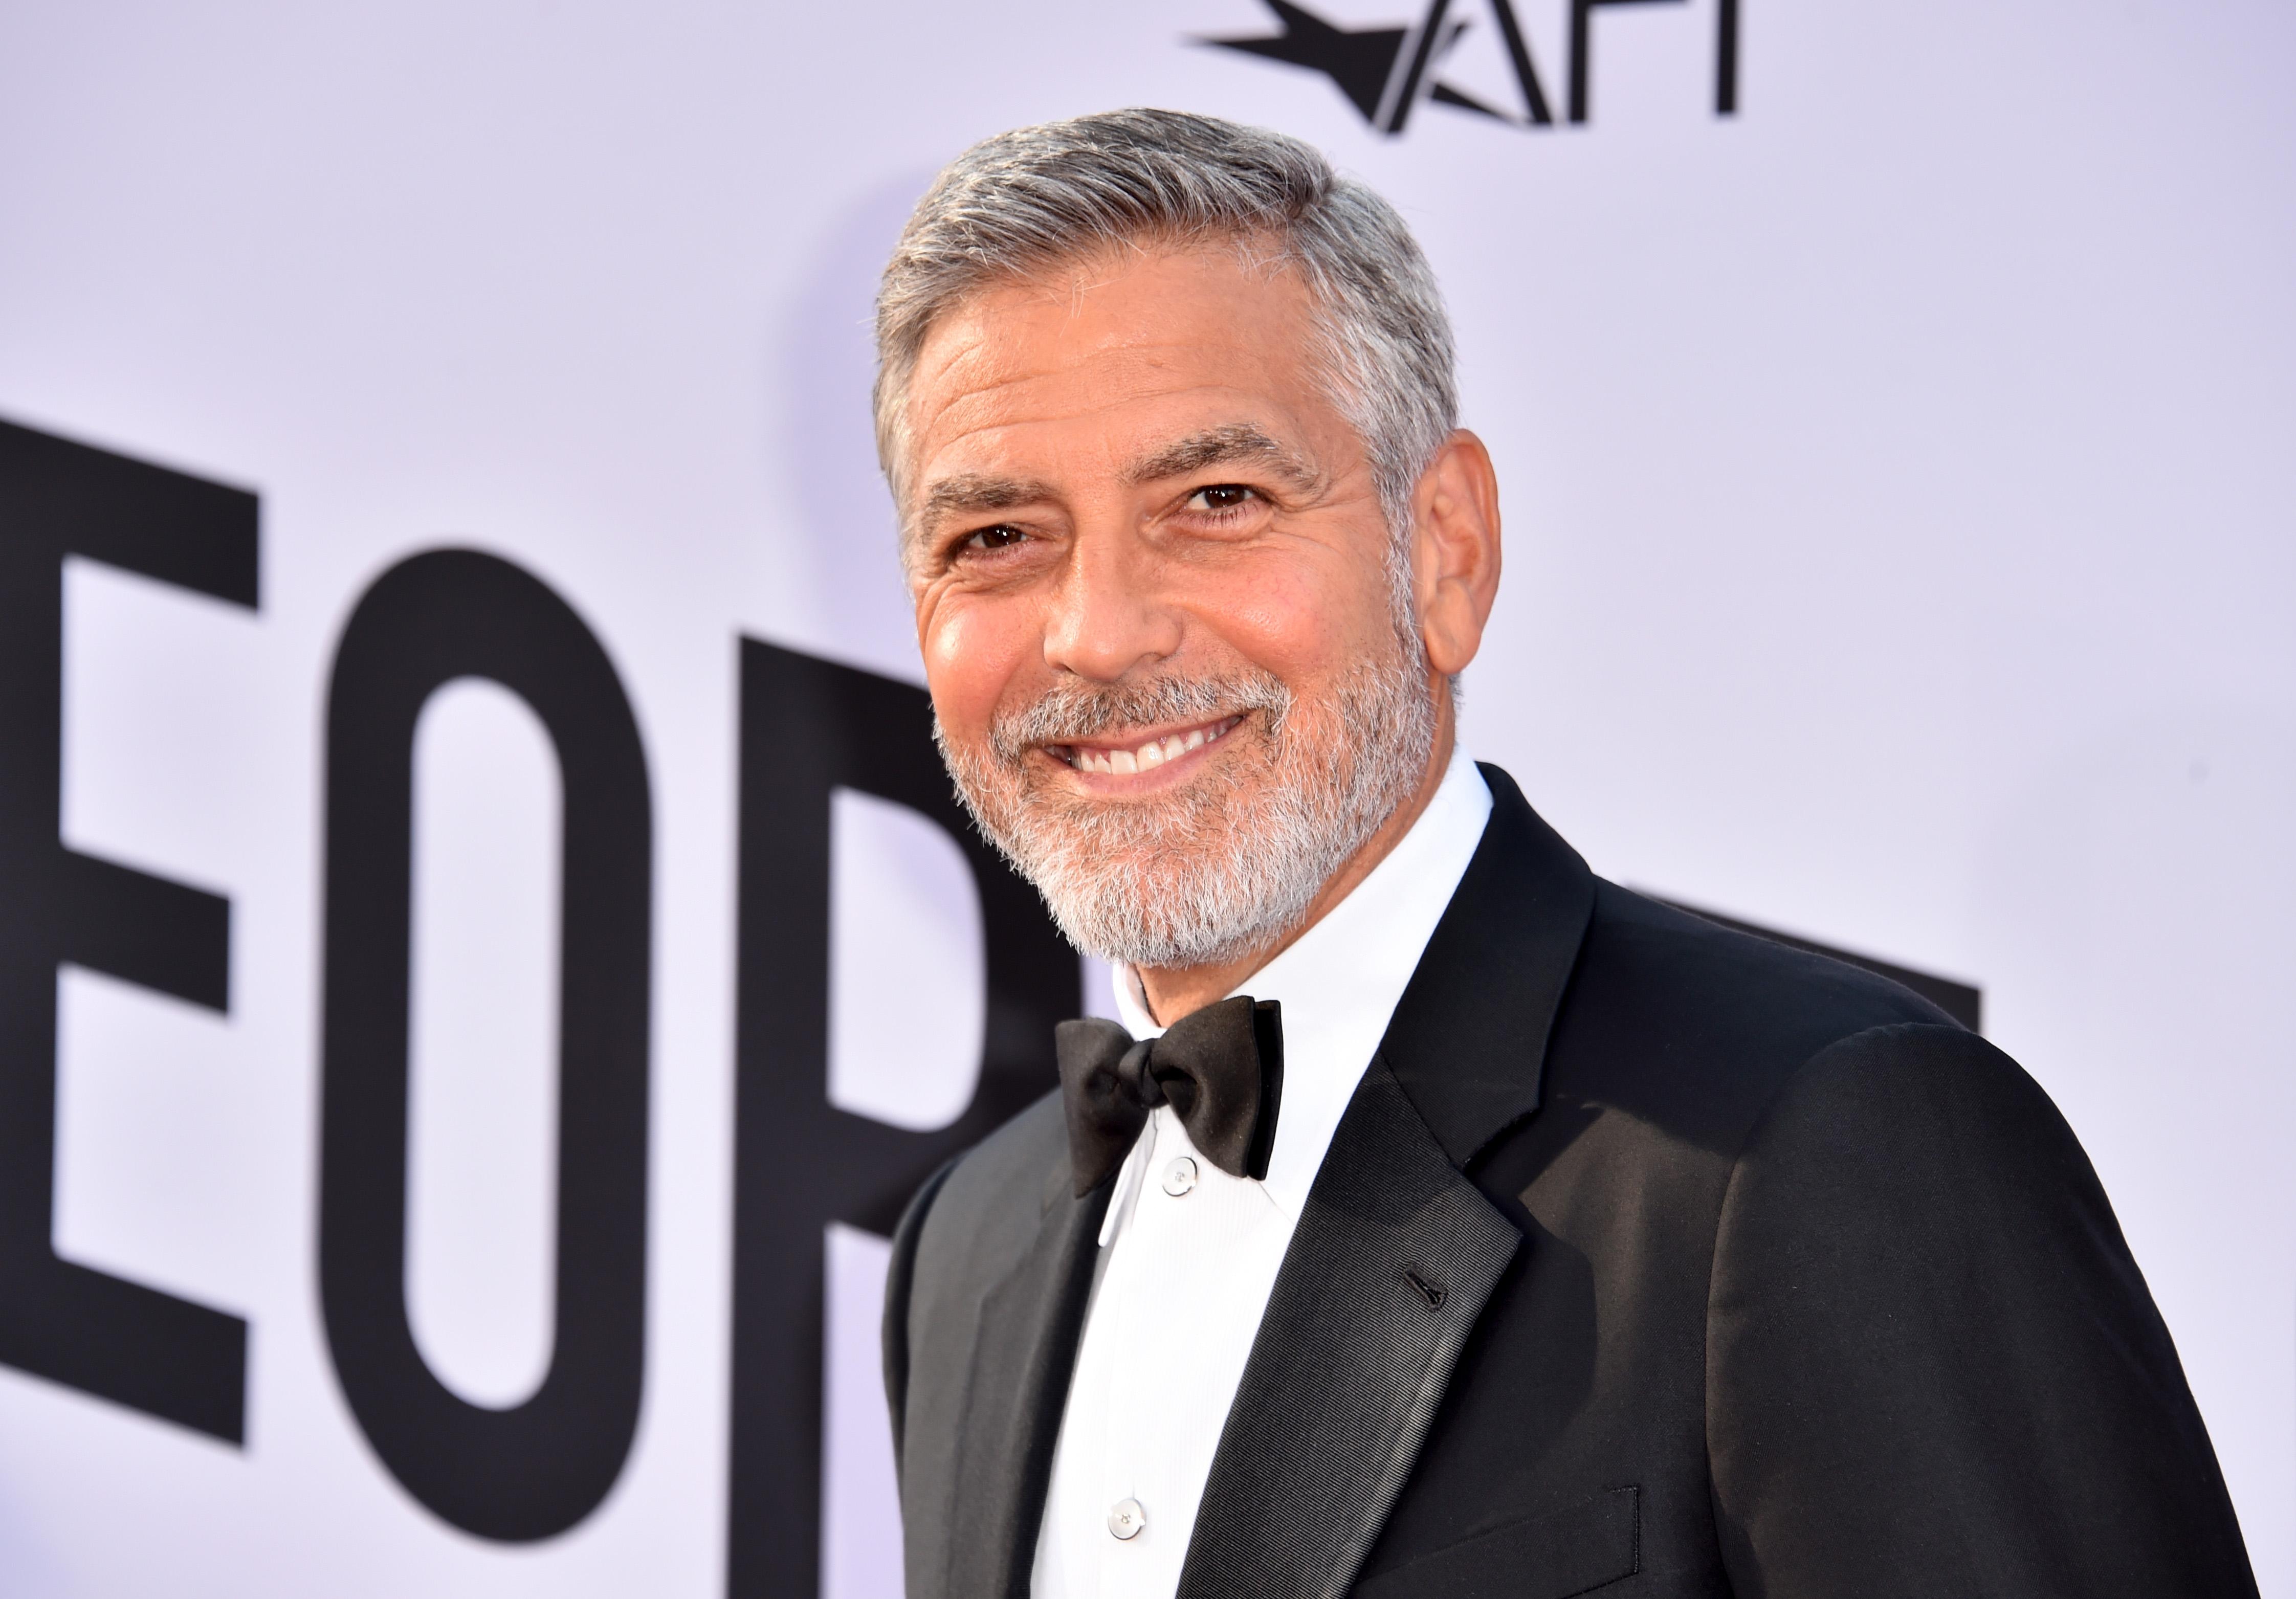 Топ-10 лучших фильмов обладателя Оскара Джорджа Клуни